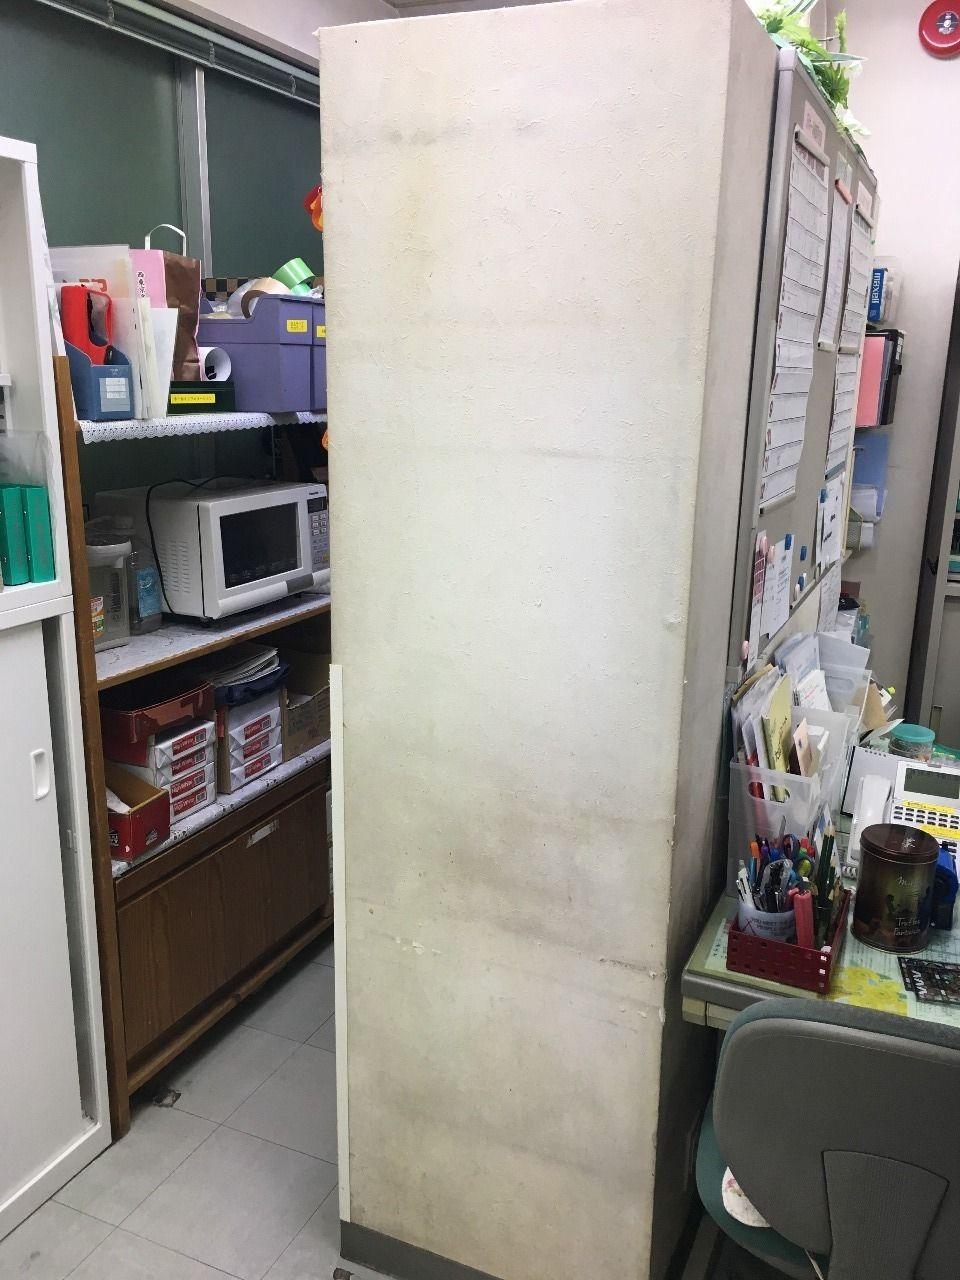 ア・ス・ヴェルデ管理事務所内の壁紙の汚れがひどい!!